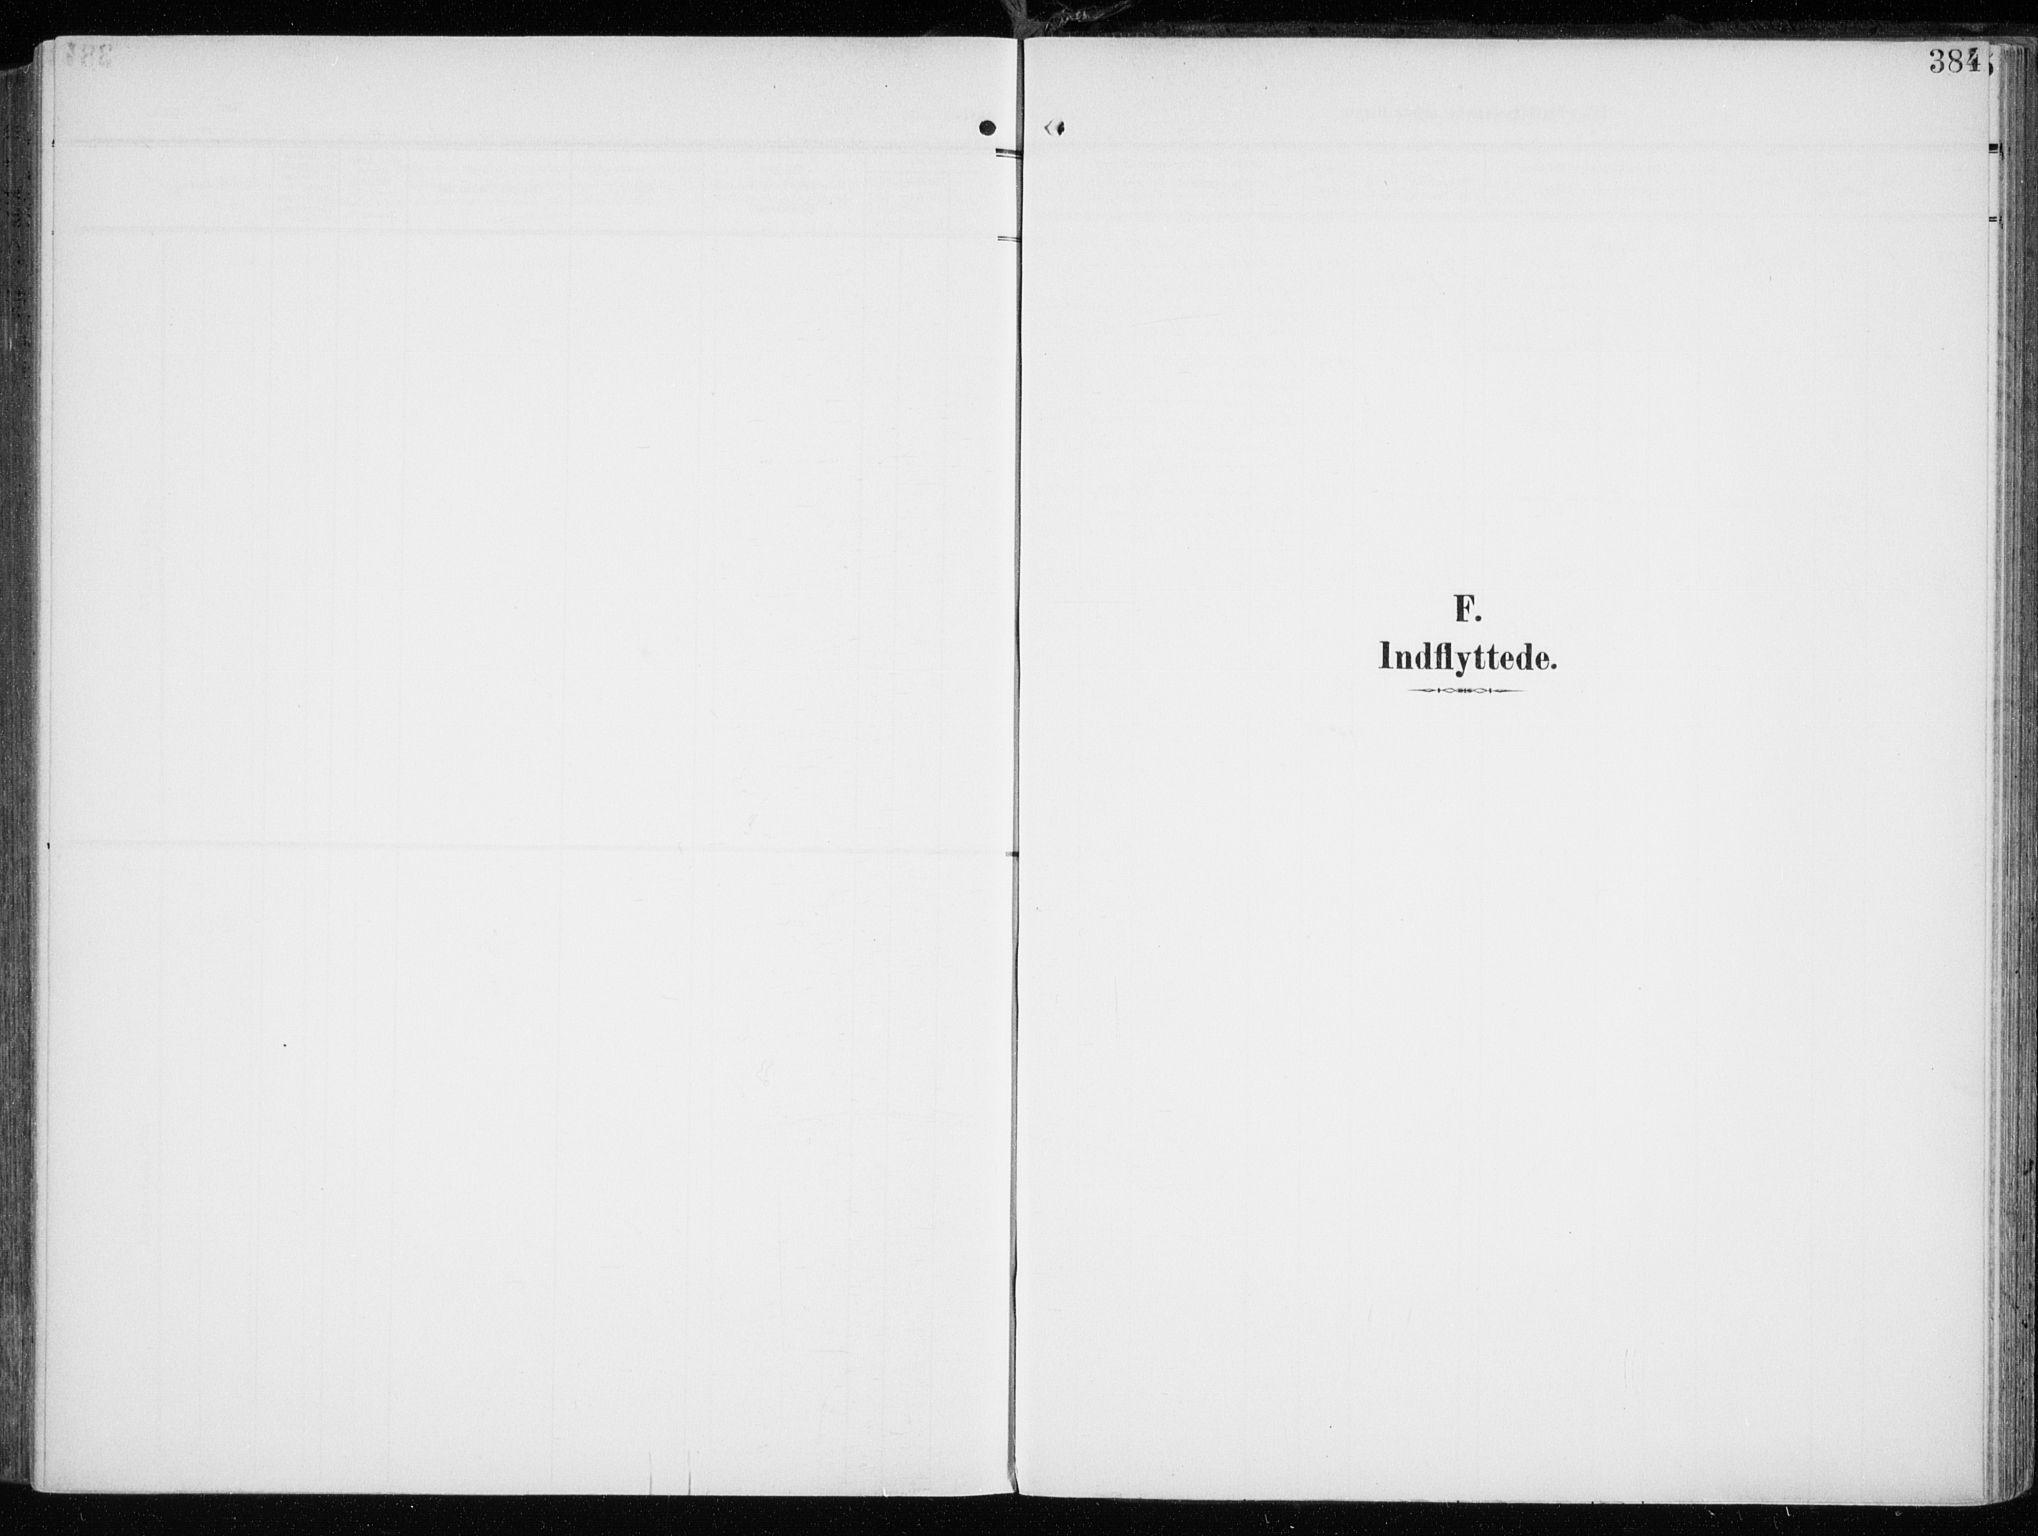 SATØ, Tromsøysund sokneprestkontor, G/Ga/L0007kirke: Ministerialbok nr. 7, 1907-1914, s. 384